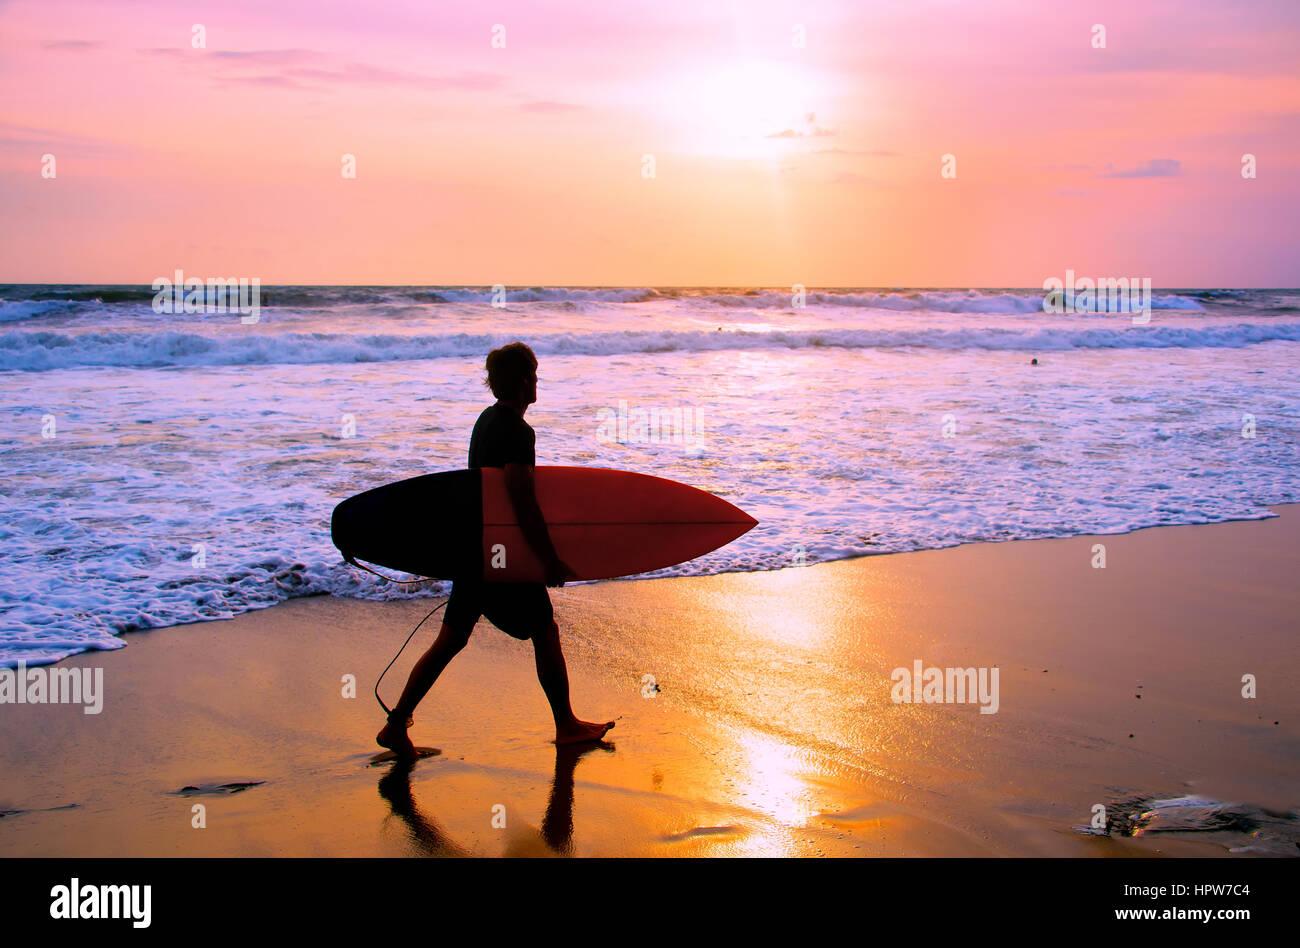 Surf surfer avec la marche sur la plage au coucher du soleil. L'île de Bali, Indonésie Banque D'Images